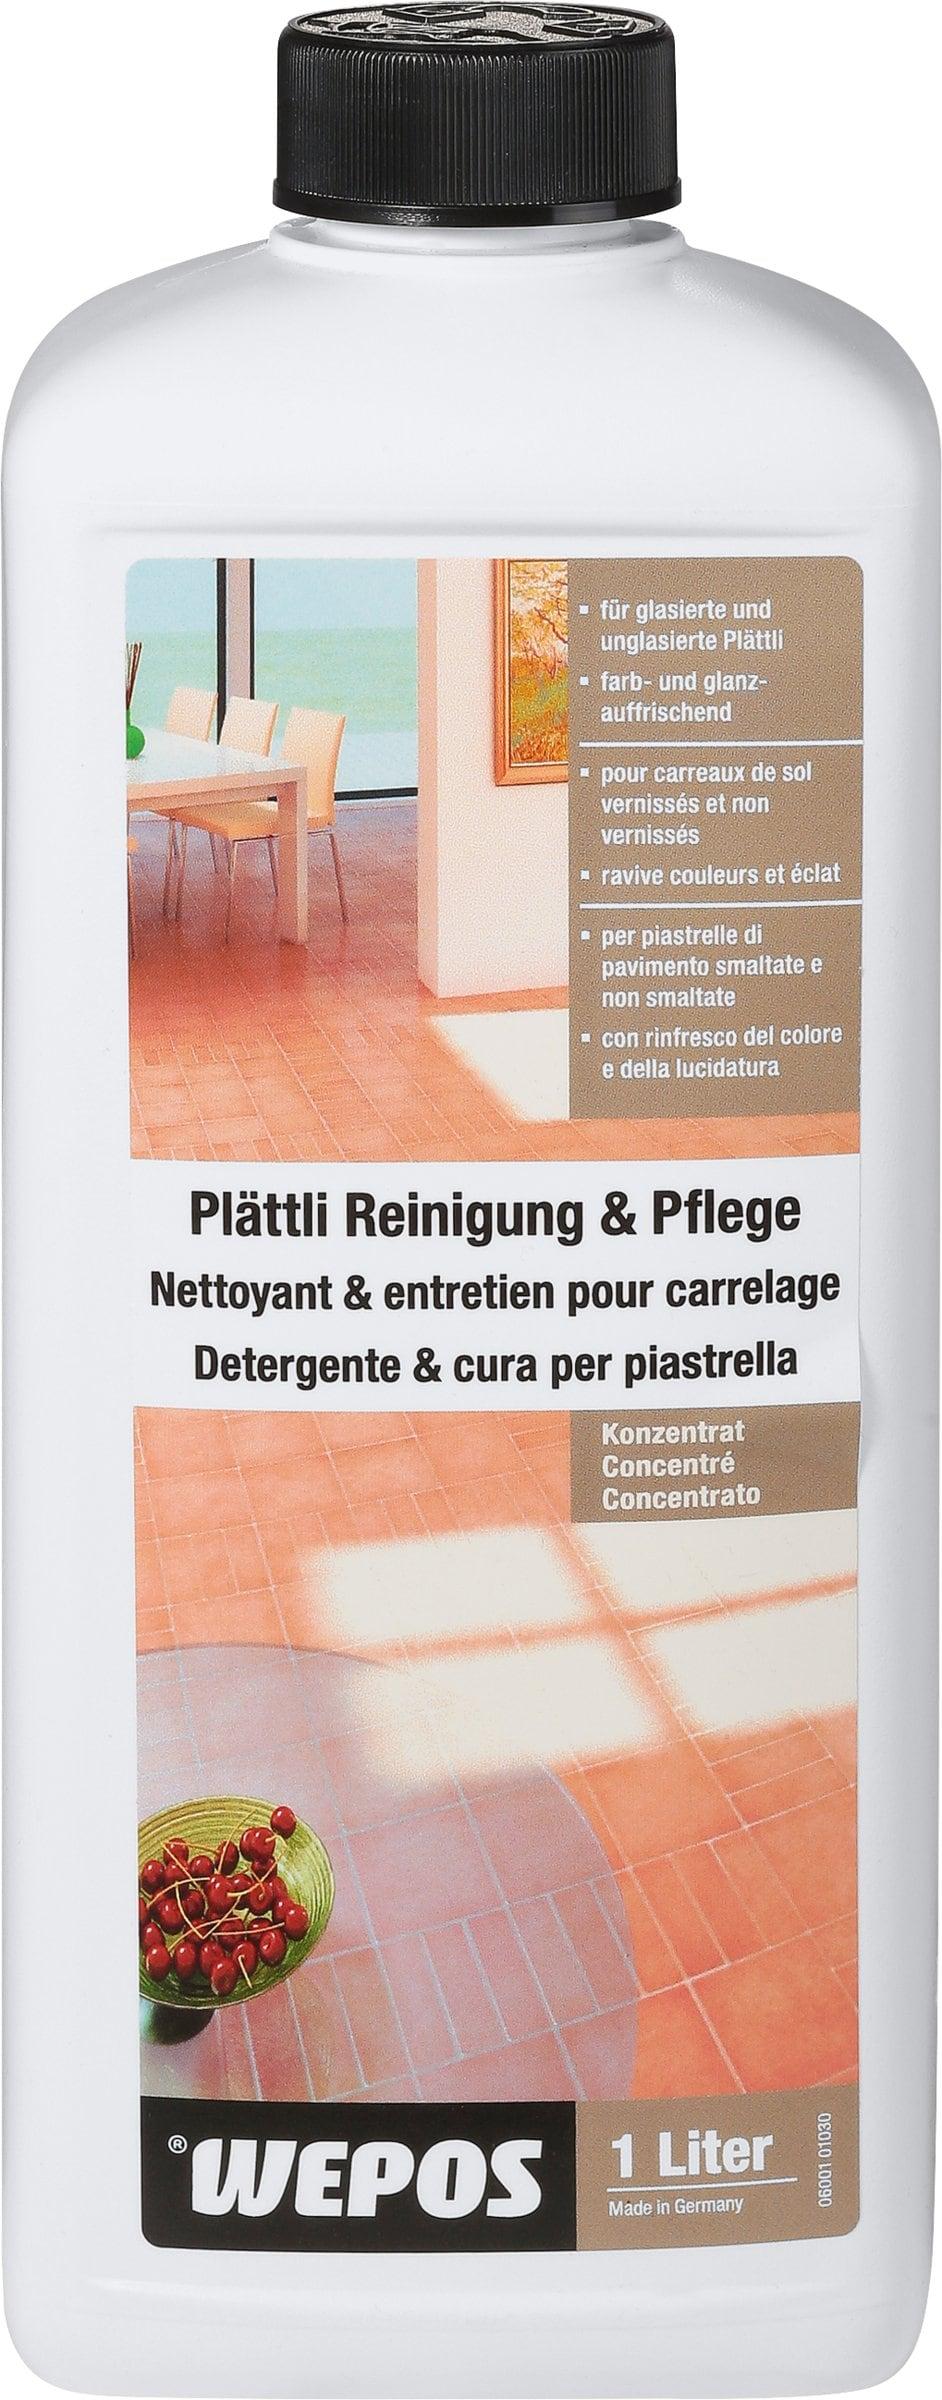 Wepos Produit Dentretien Et De Nettoyage Pour Le Carrelage - Carrelage l'aigle